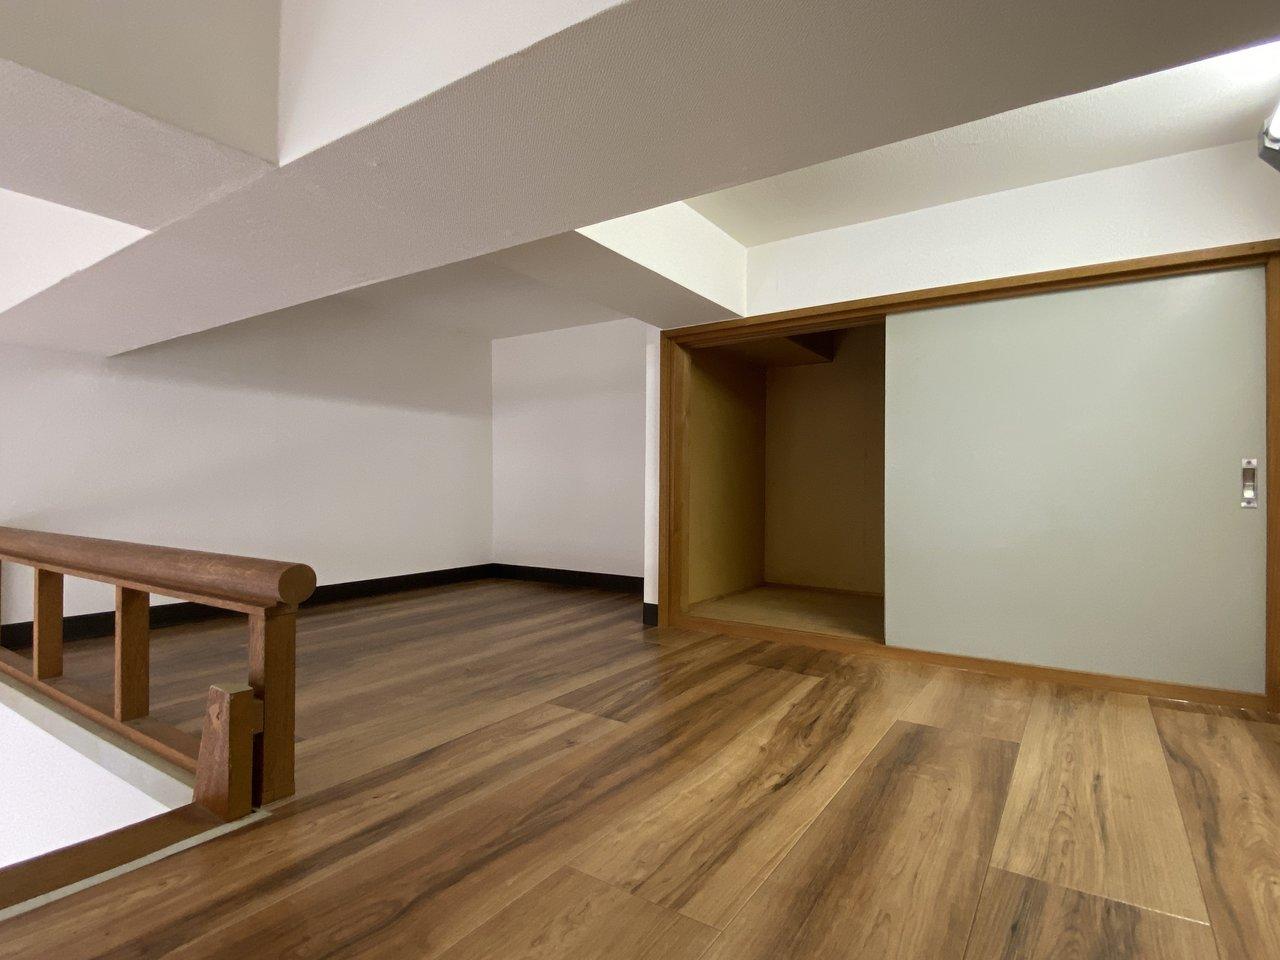 3畳分の広さがあるロフト。モノ置きスペースもしっかり備わっています。